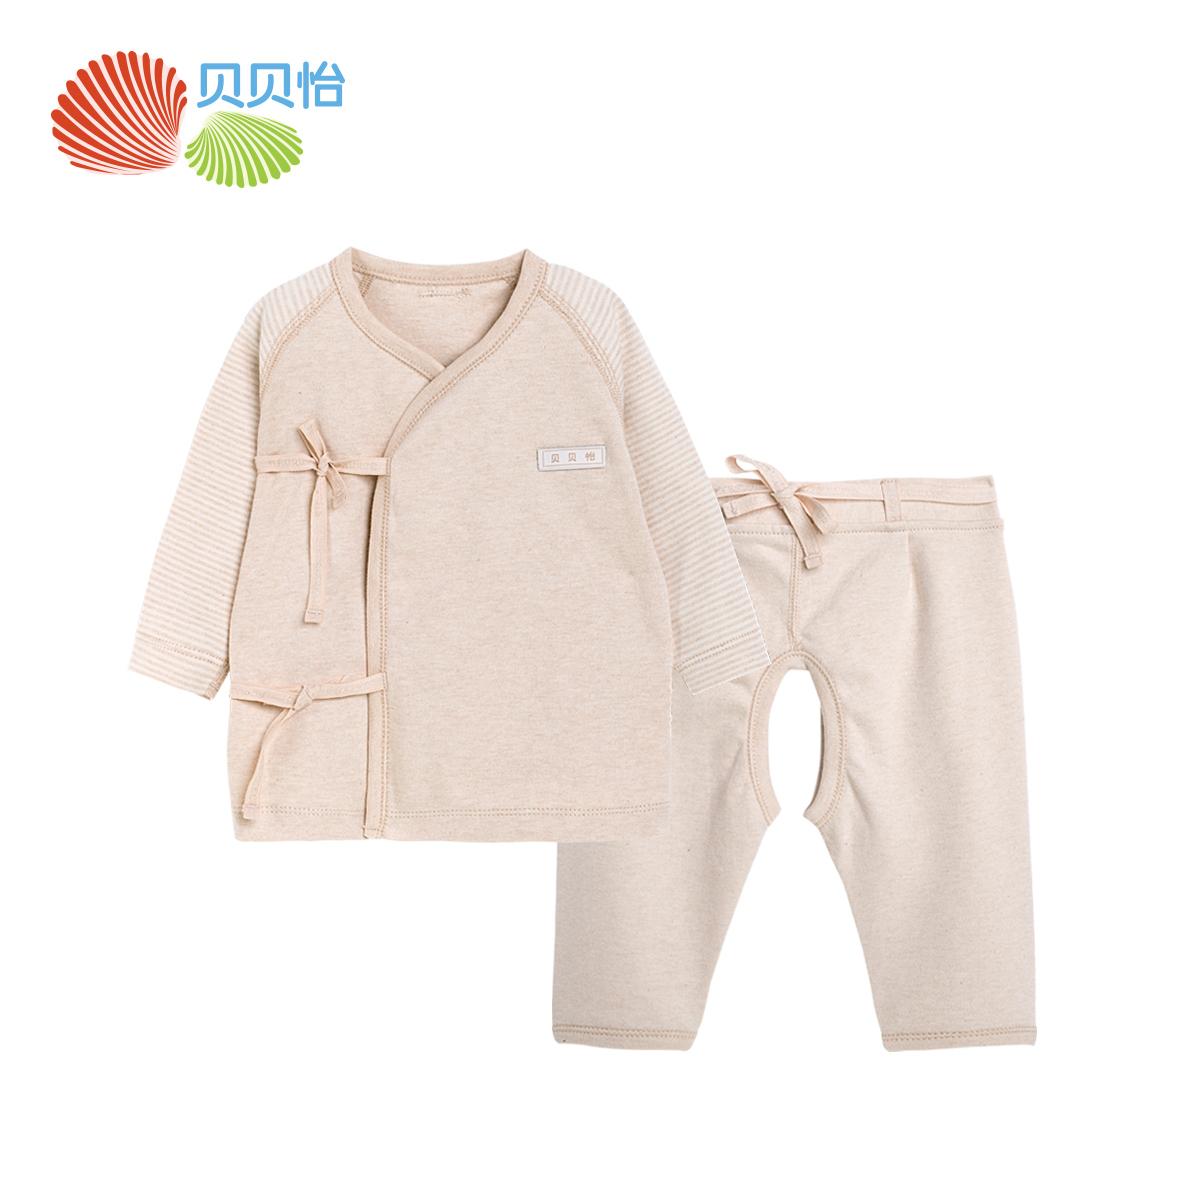 贝贝怡0-1岁新生儿服饰天然彩棉绑带套装男女宝宝内衣套装和尚服